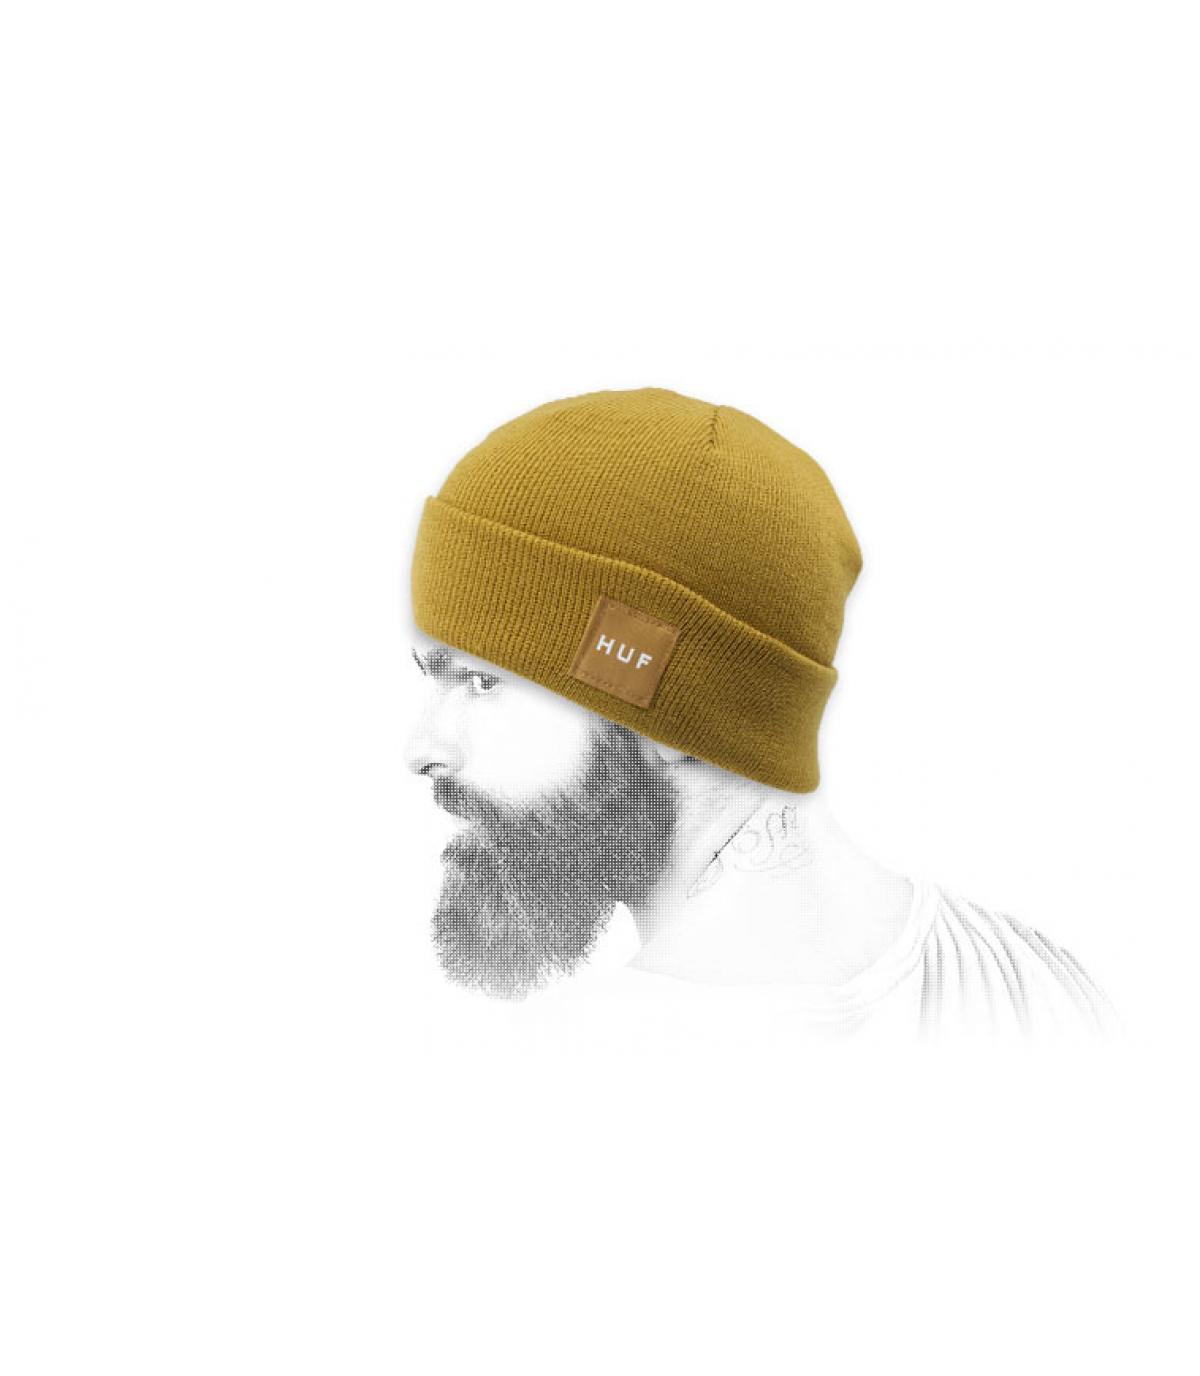 Mütze mit Rand Huf gelb